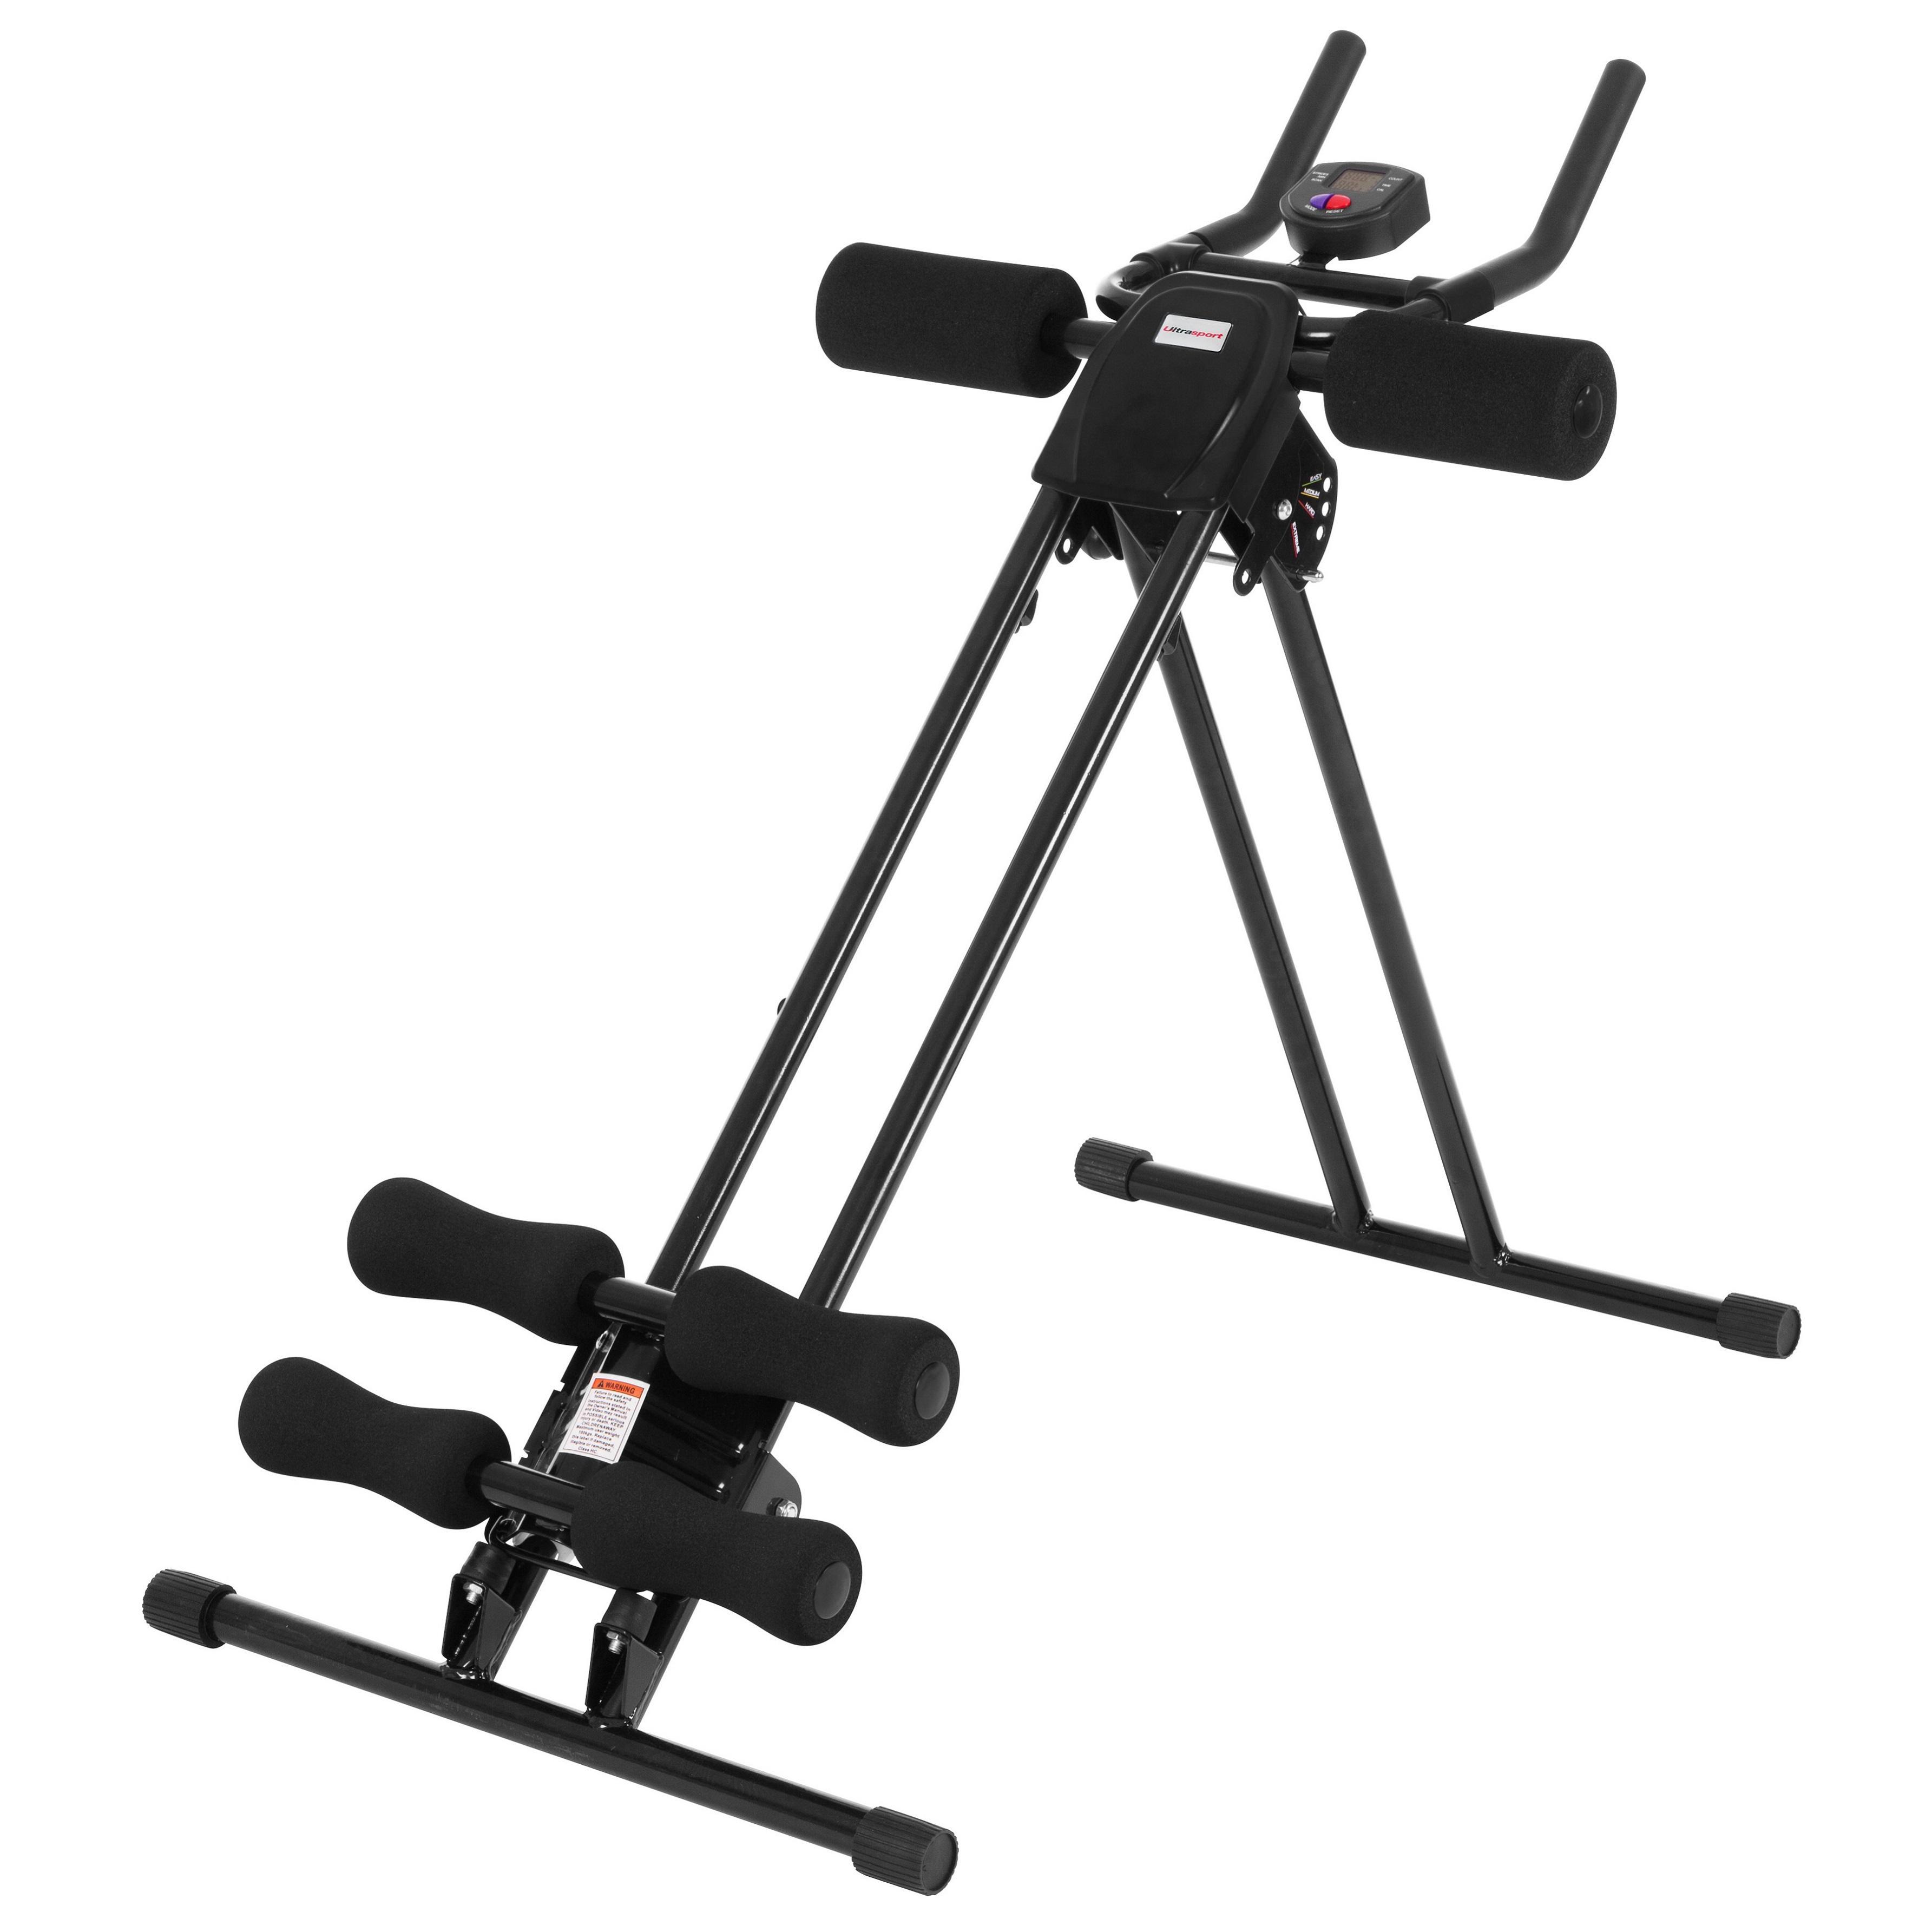 Ultrasport Bauchtrainer Ultra 150 (Beinhebegerät)